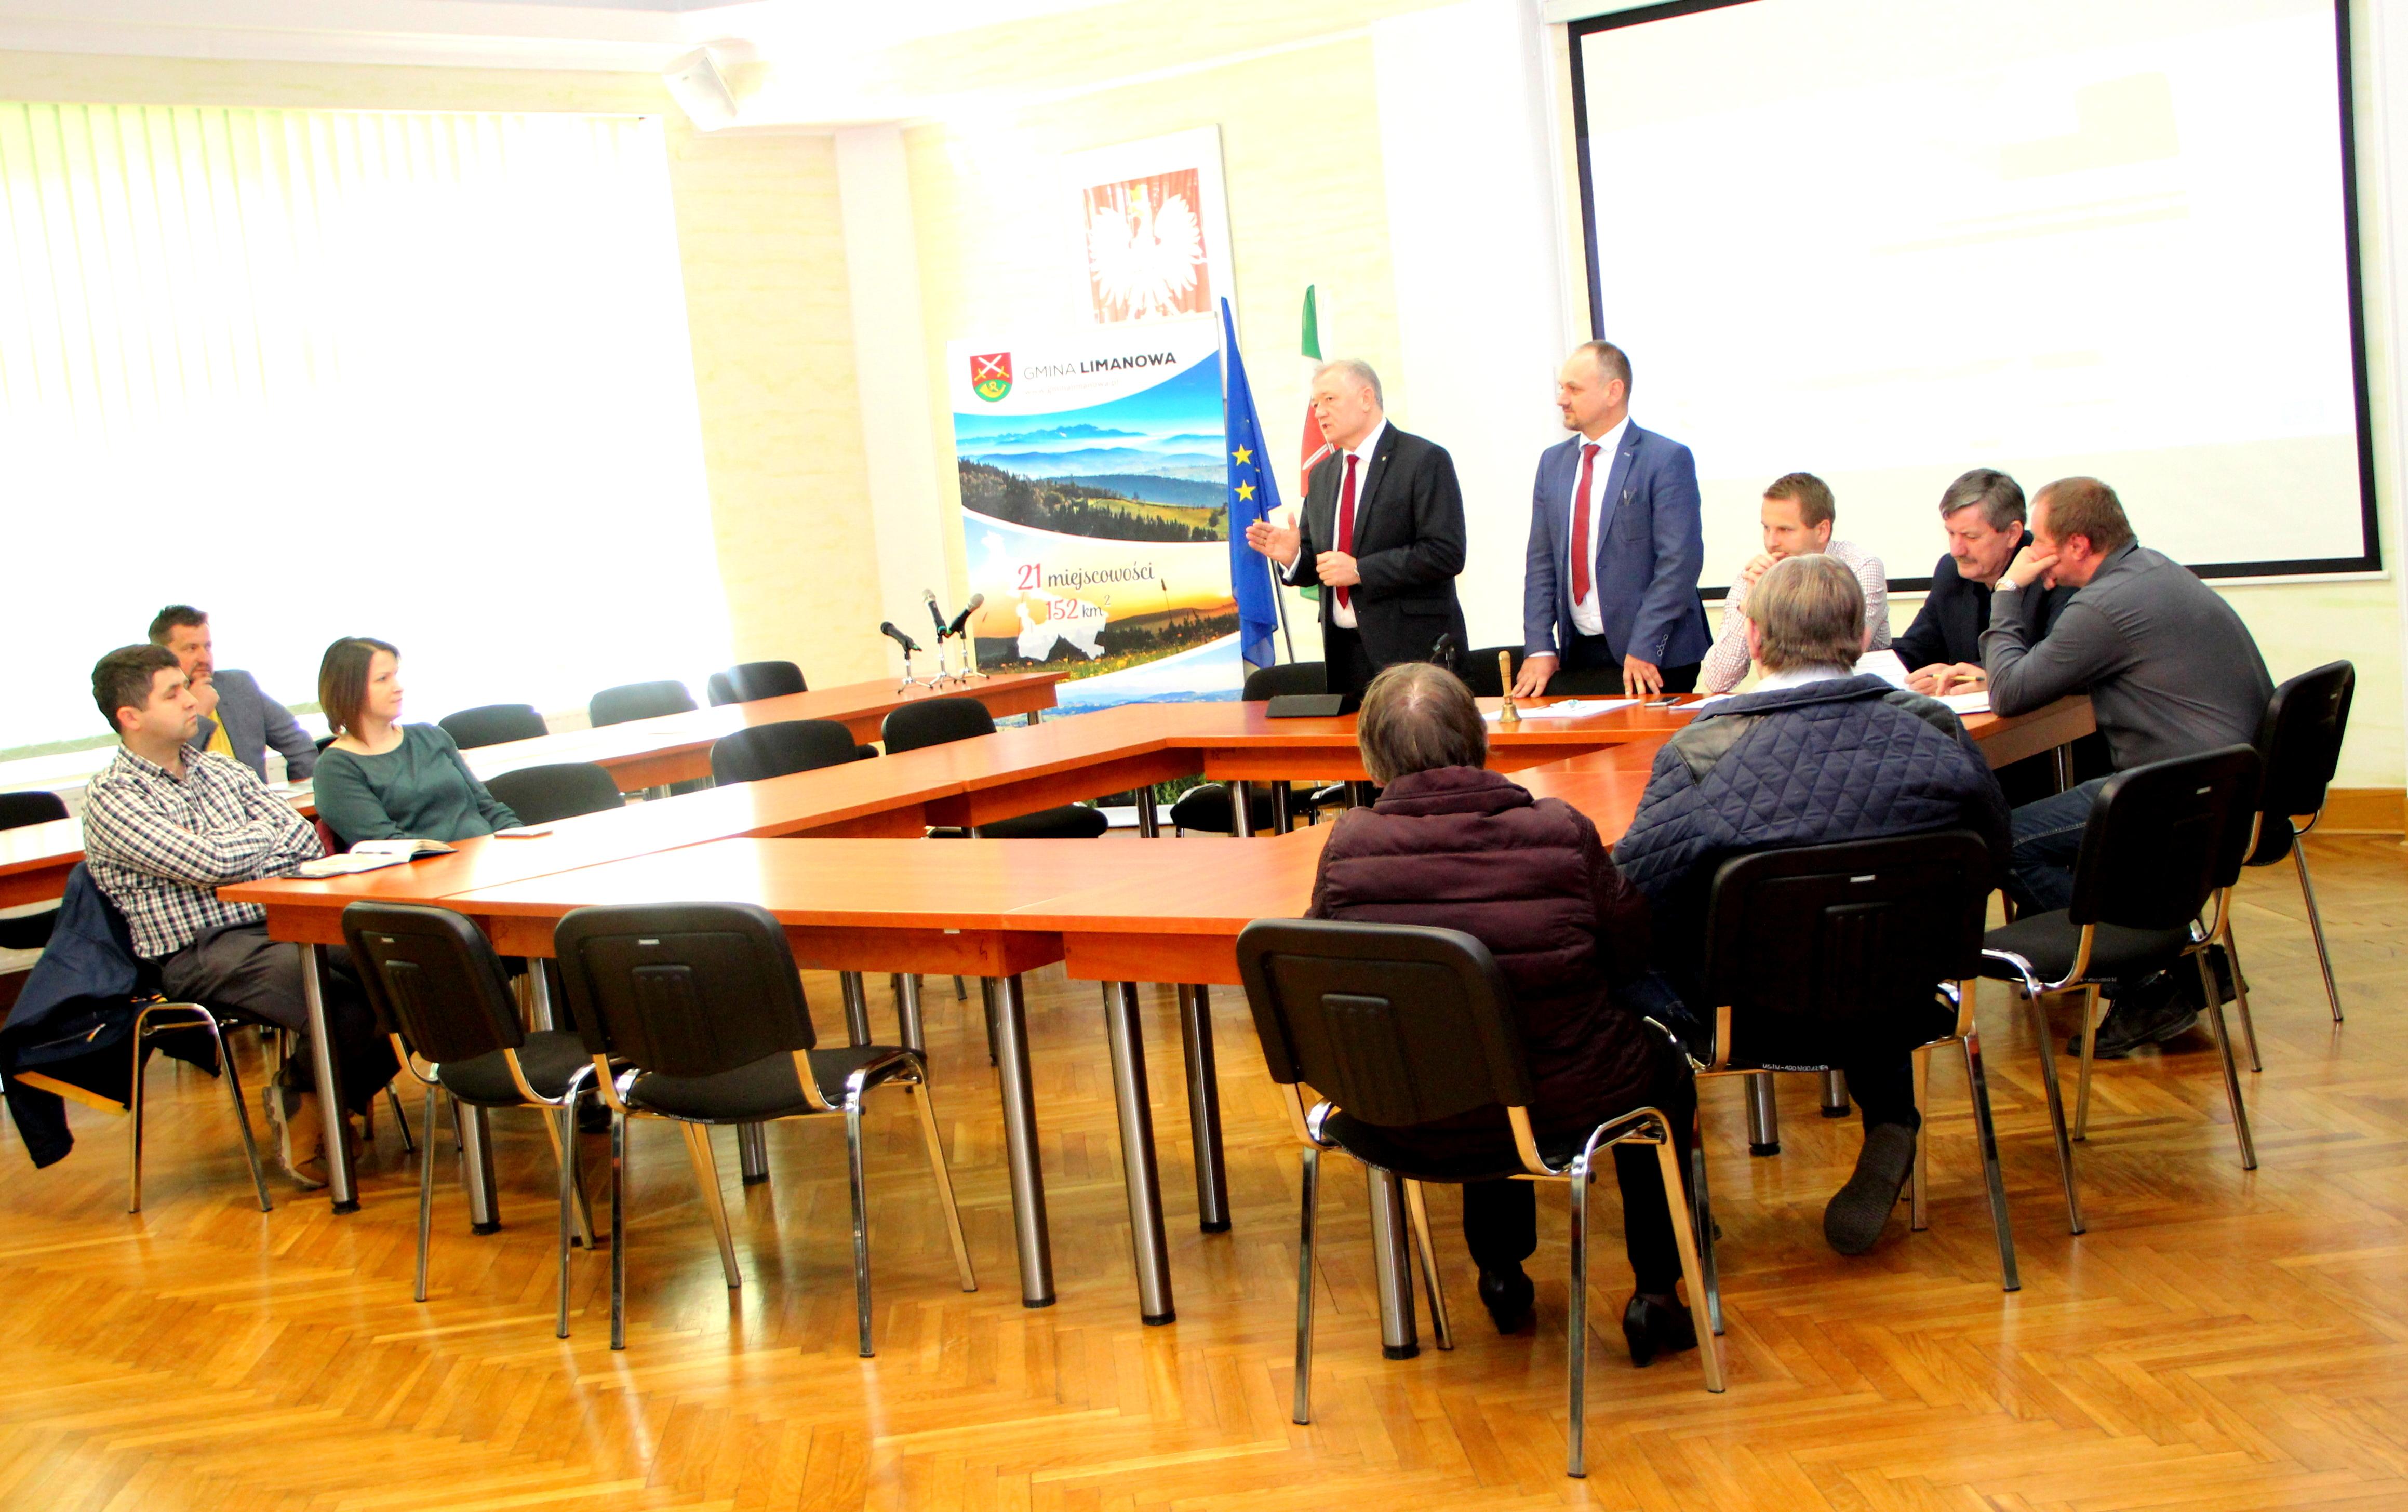 """Spotkanie informacyjne dotyczące Programu """"Czyste Powietrze"""" - zdjęcie główne"""